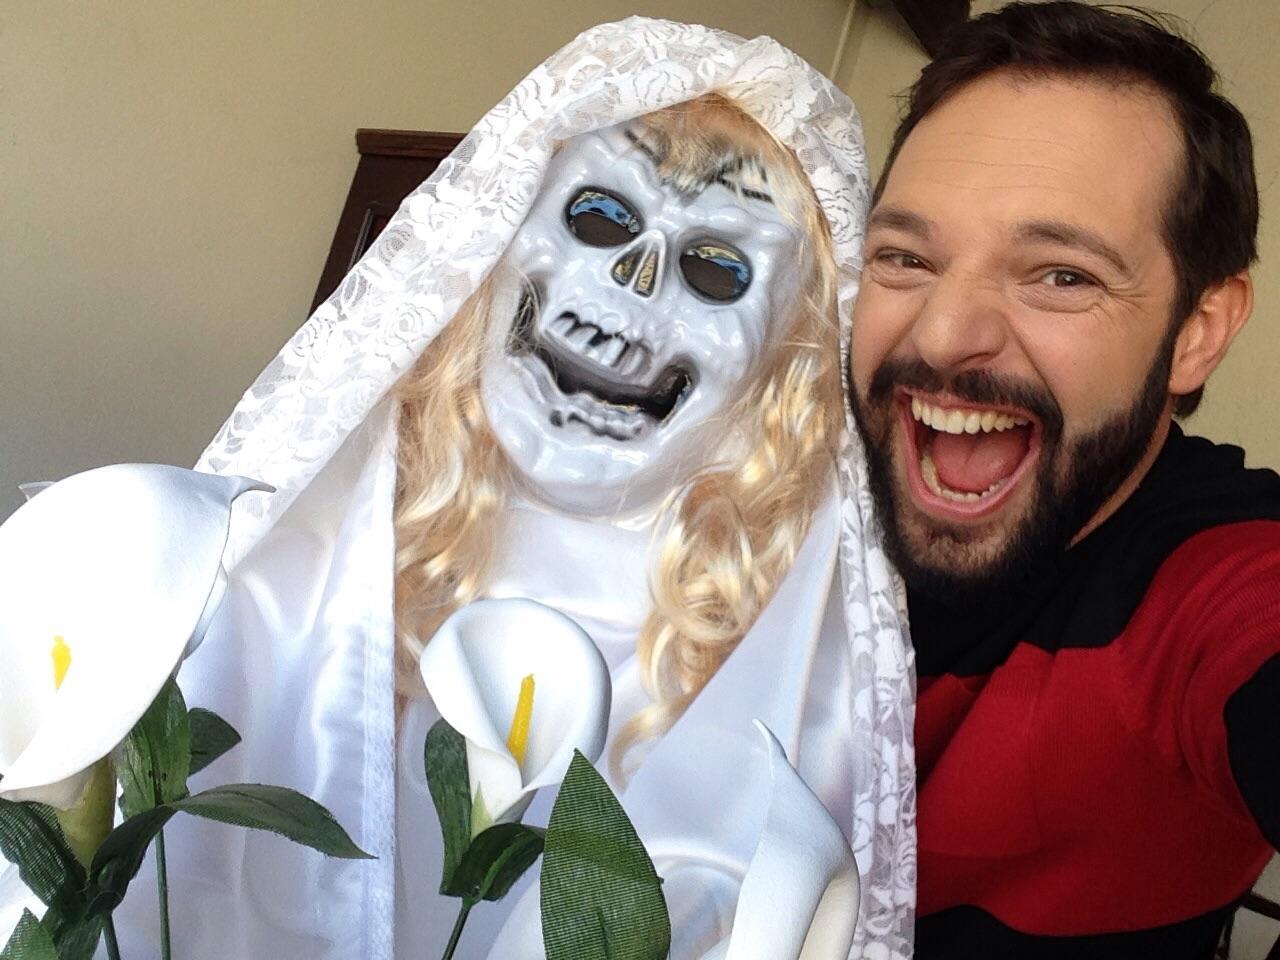 Mateus Luz posa junto com uma 'noiva cadáver' nos bastidores das gravações